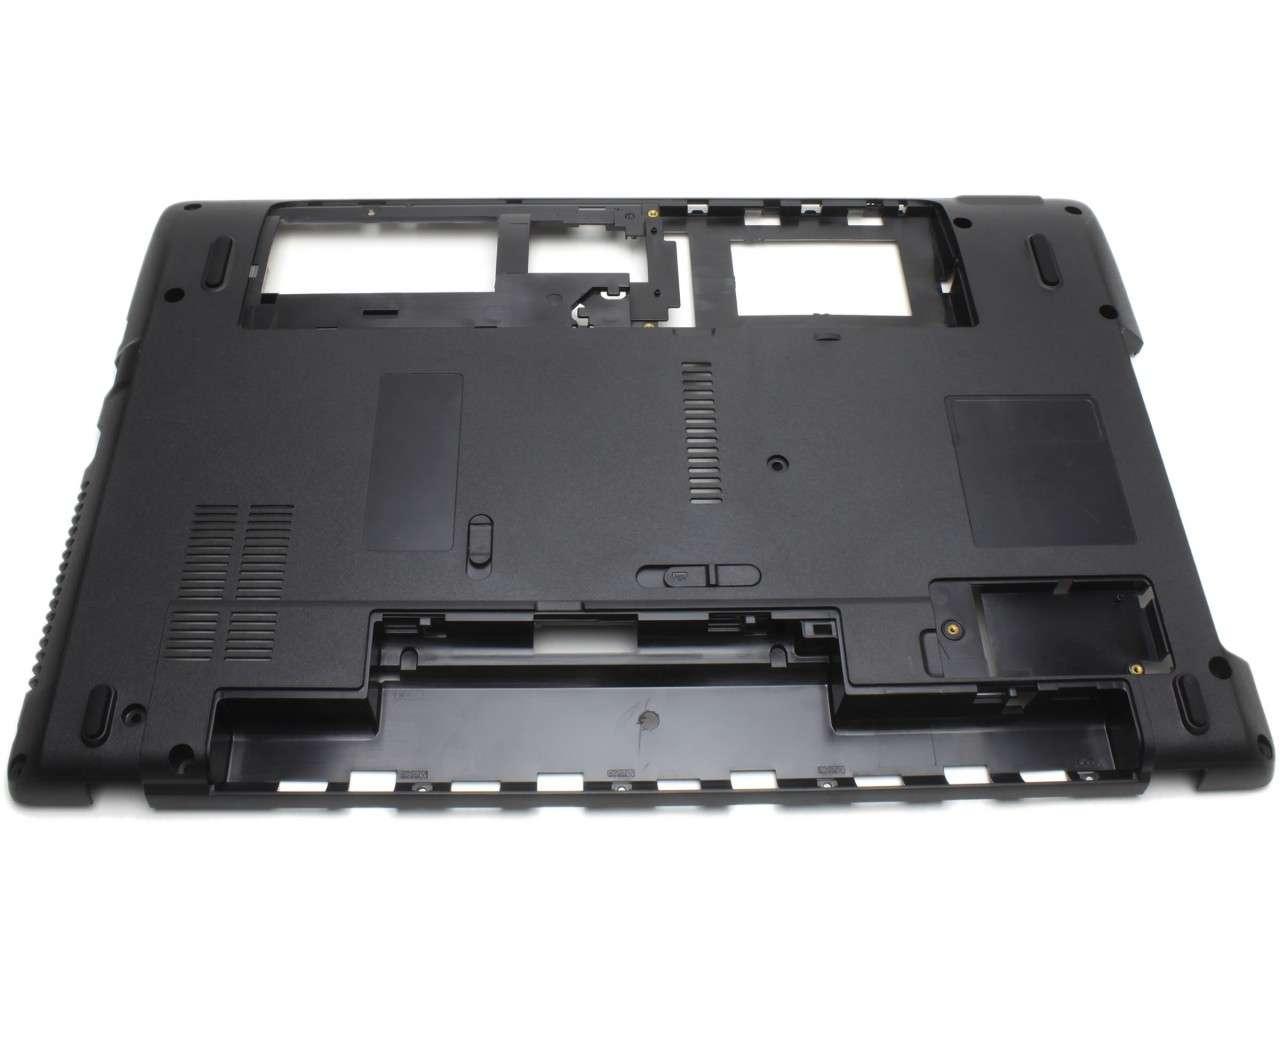 Bottom Case eMachines E644 Carcasa Inferioara cu codul AP0FO0007000 imagine powerlaptop.ro 2021